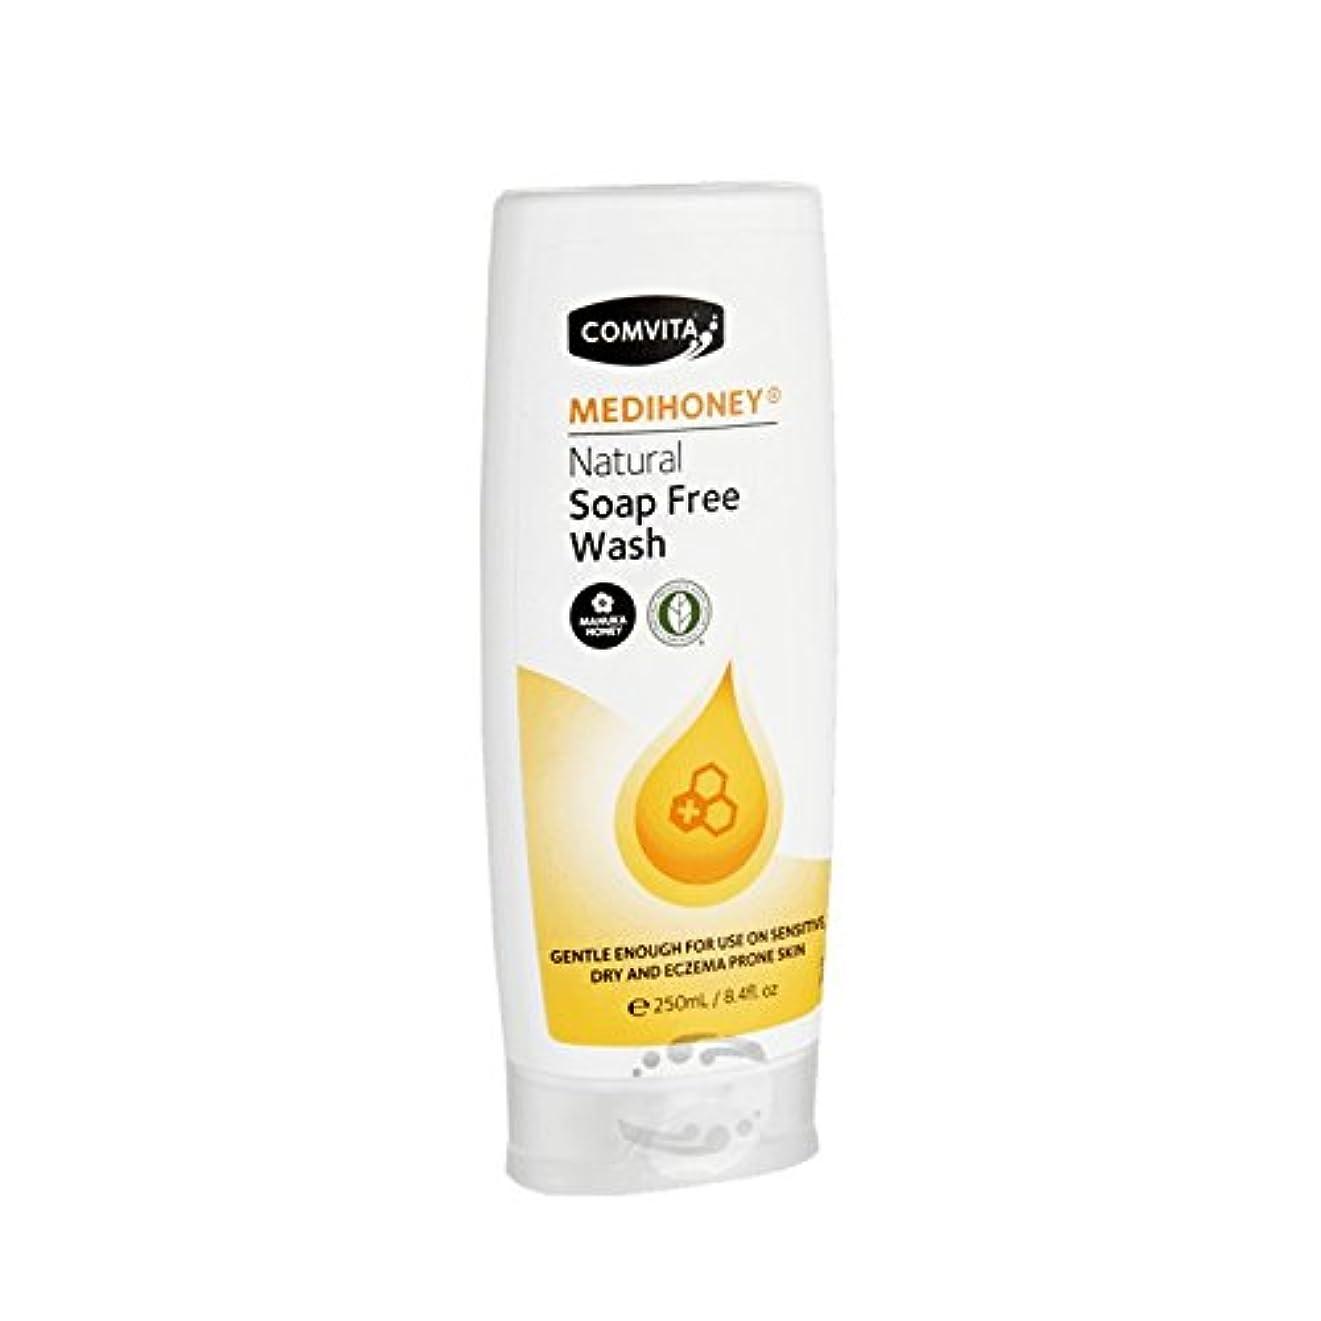 曖昧な忘れっぽい正統派Comvita Medihoney Gentle Body Wash 250ml (Pack of 6) - コンビタのメディハニー優しいボディウォッシュ250ミリリットル (x6) [並行輸入品]